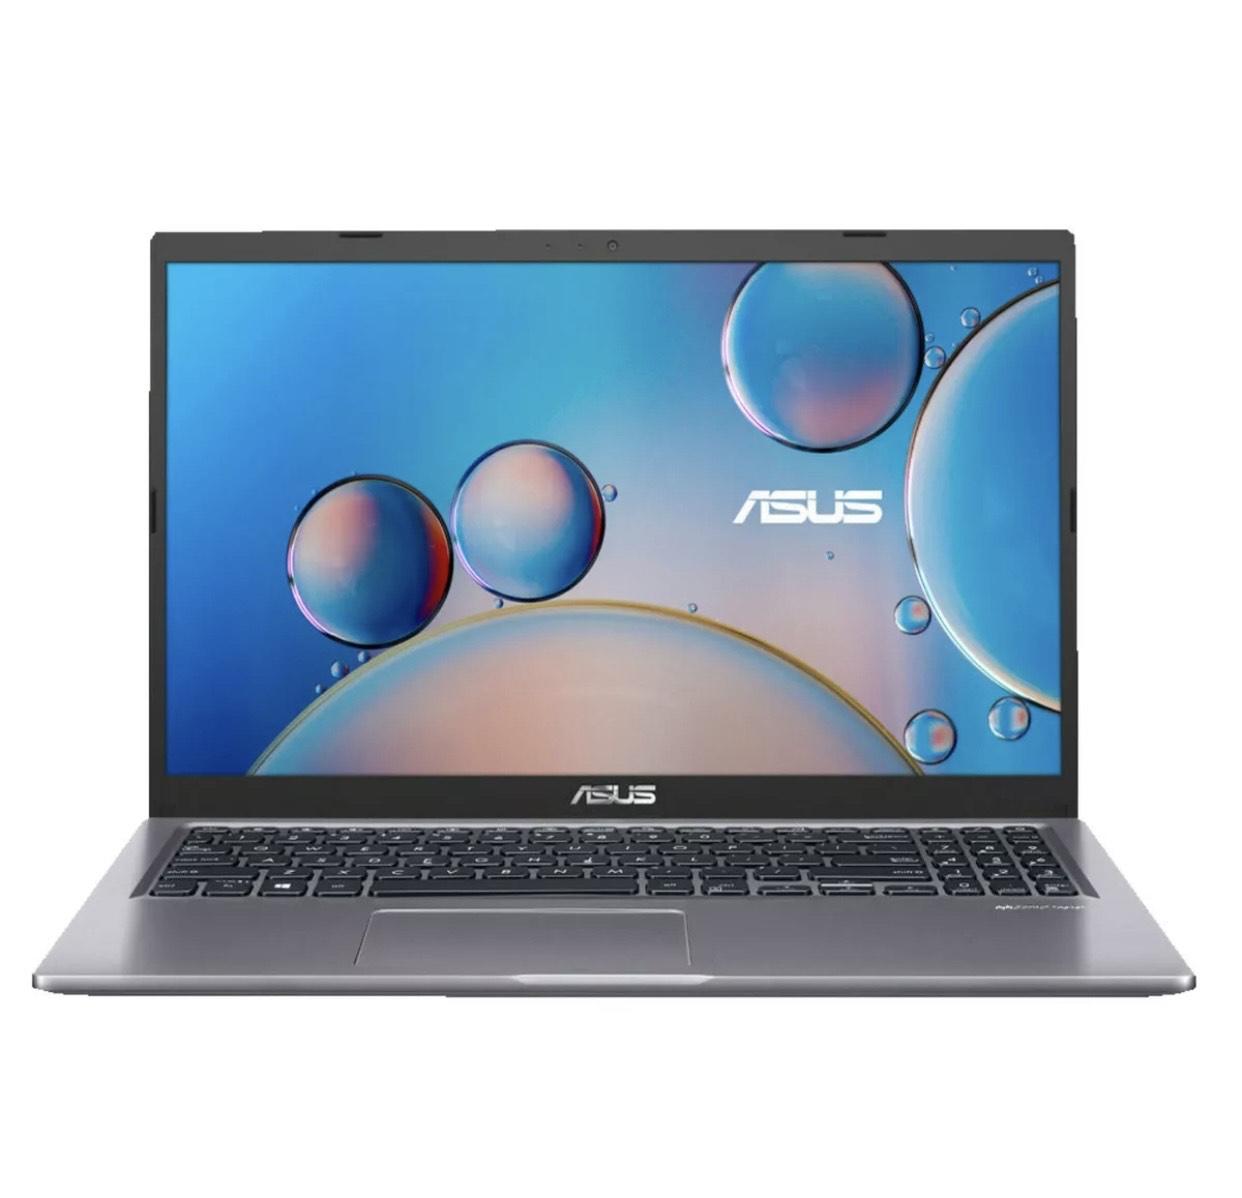 ASUS VivoBook 15 R565JA-EJ283T, Notebook mit 15,6 Zoll Display, Core™ i5 Prozessor, 8 GB RAM, 512 GB SSD, Intel® UHD Grafik